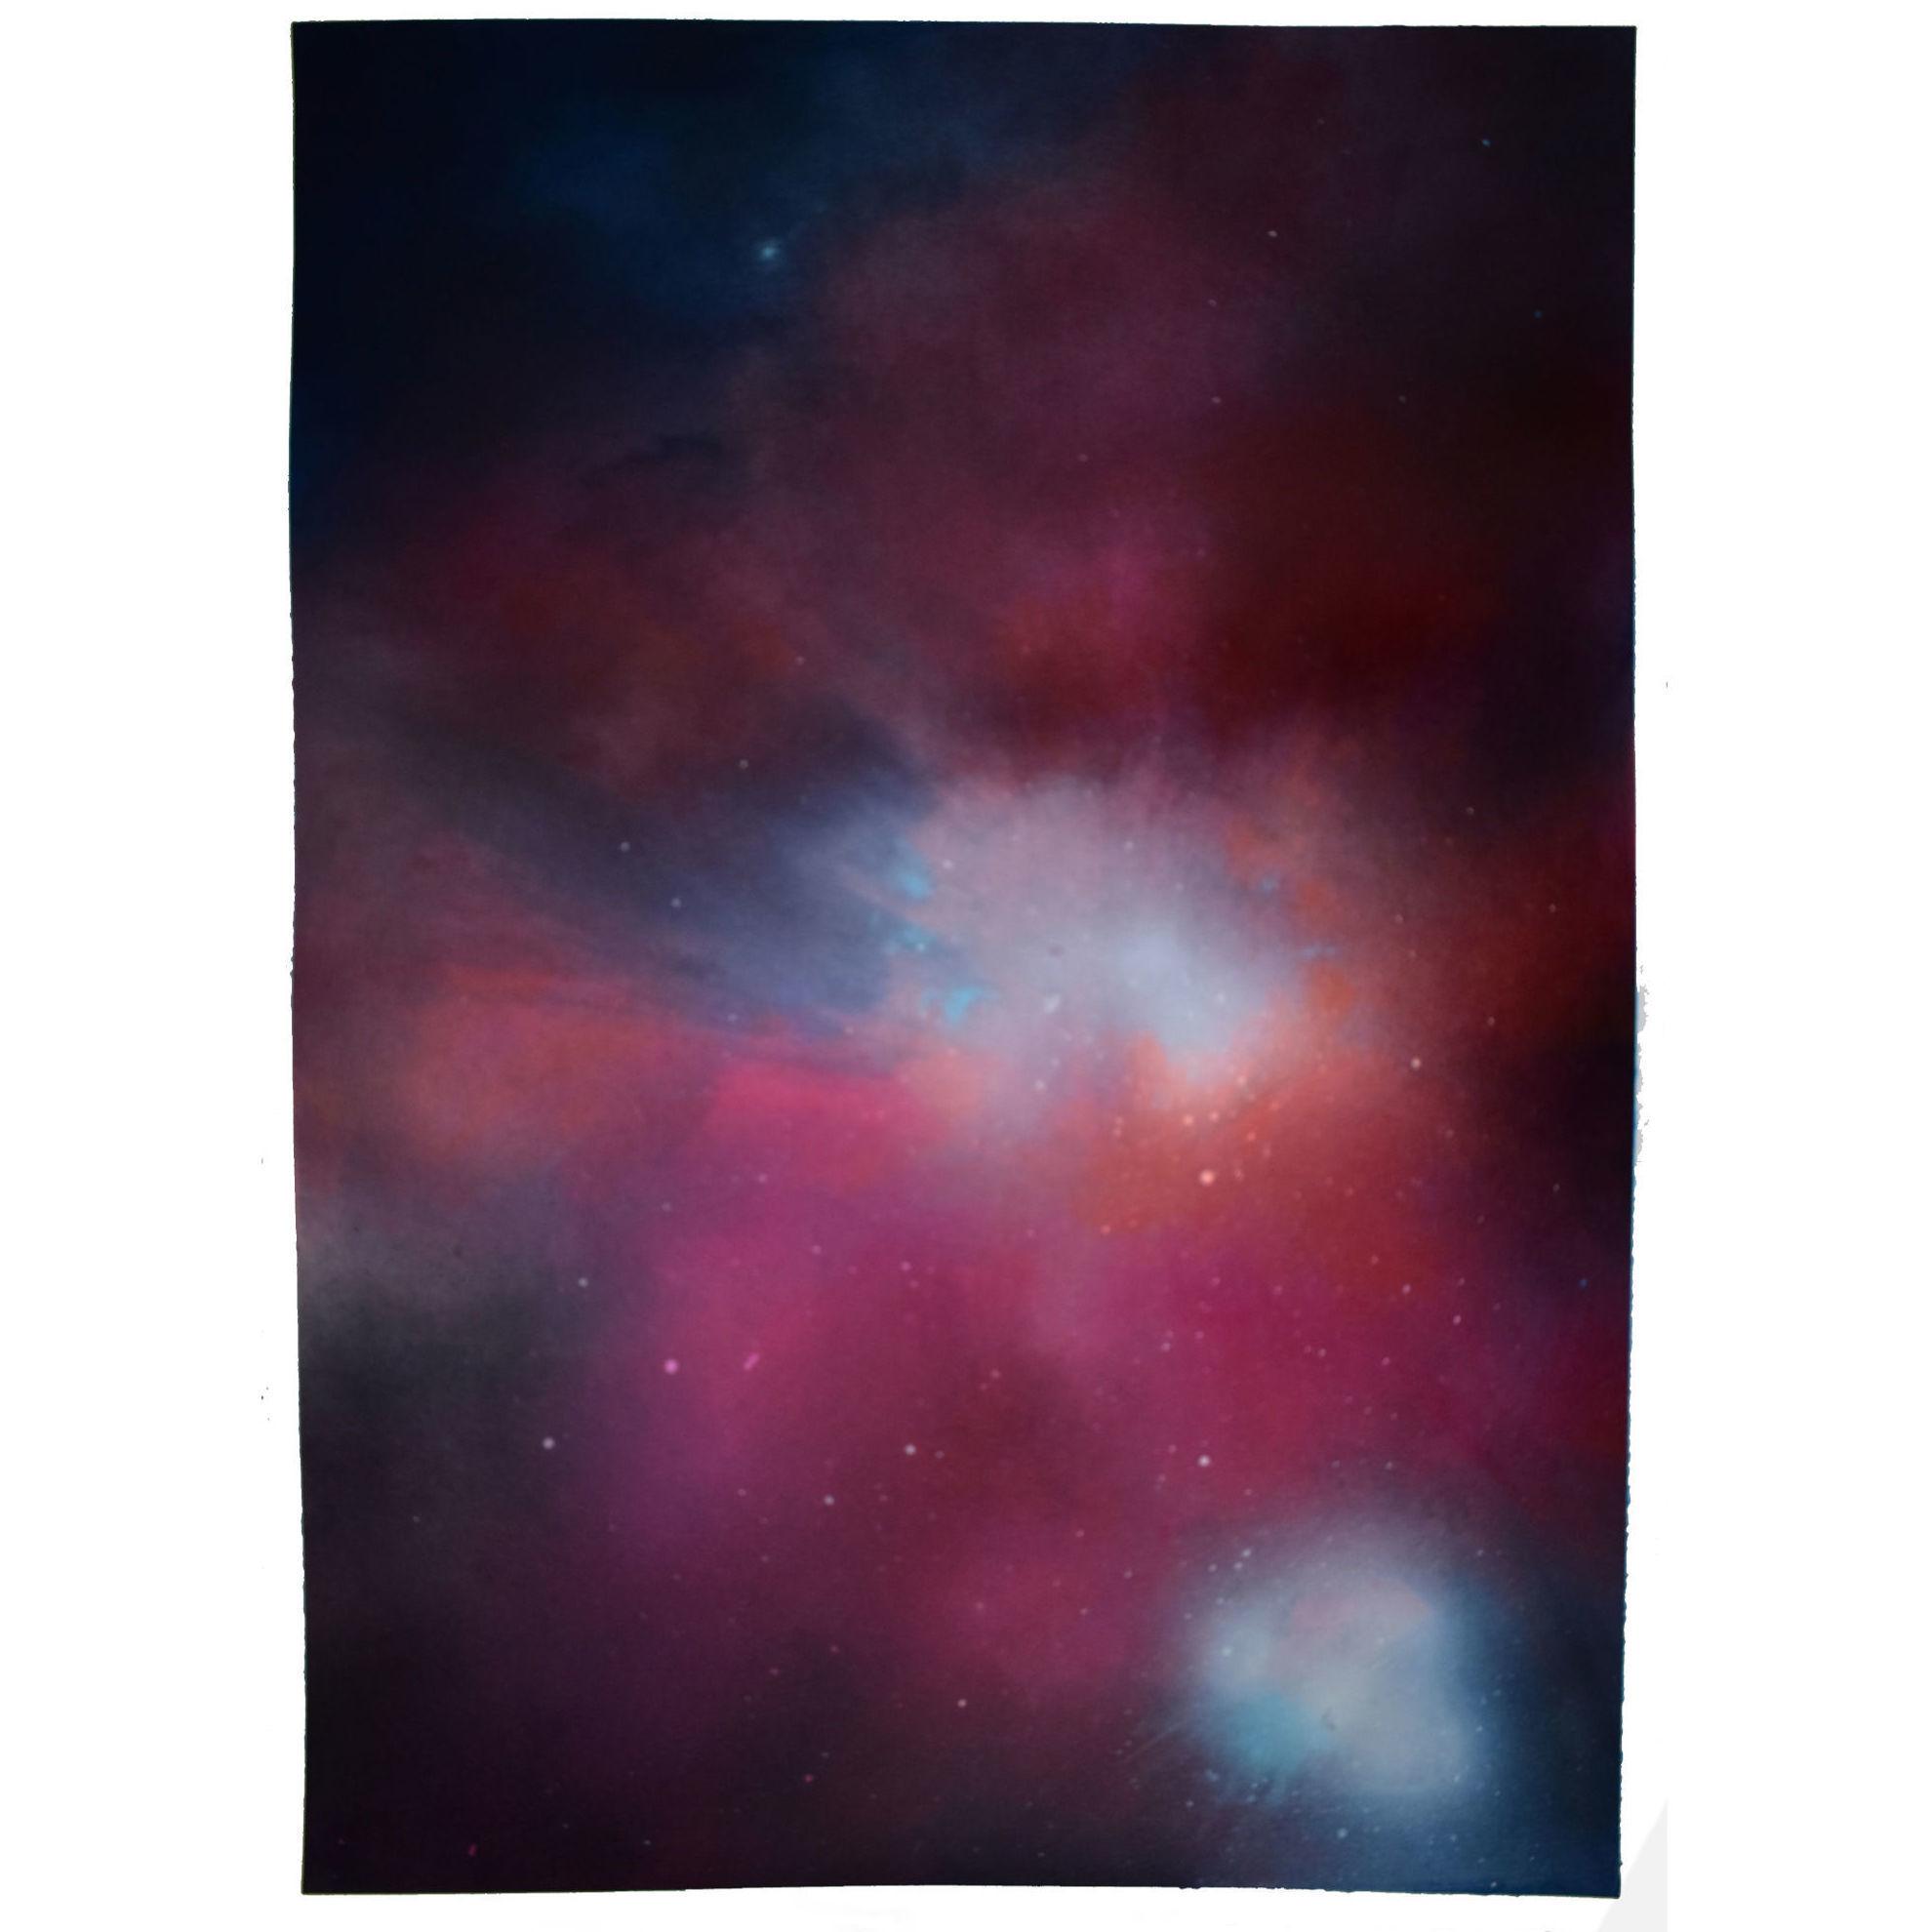 Immagine di Appunti dallo spazio 03